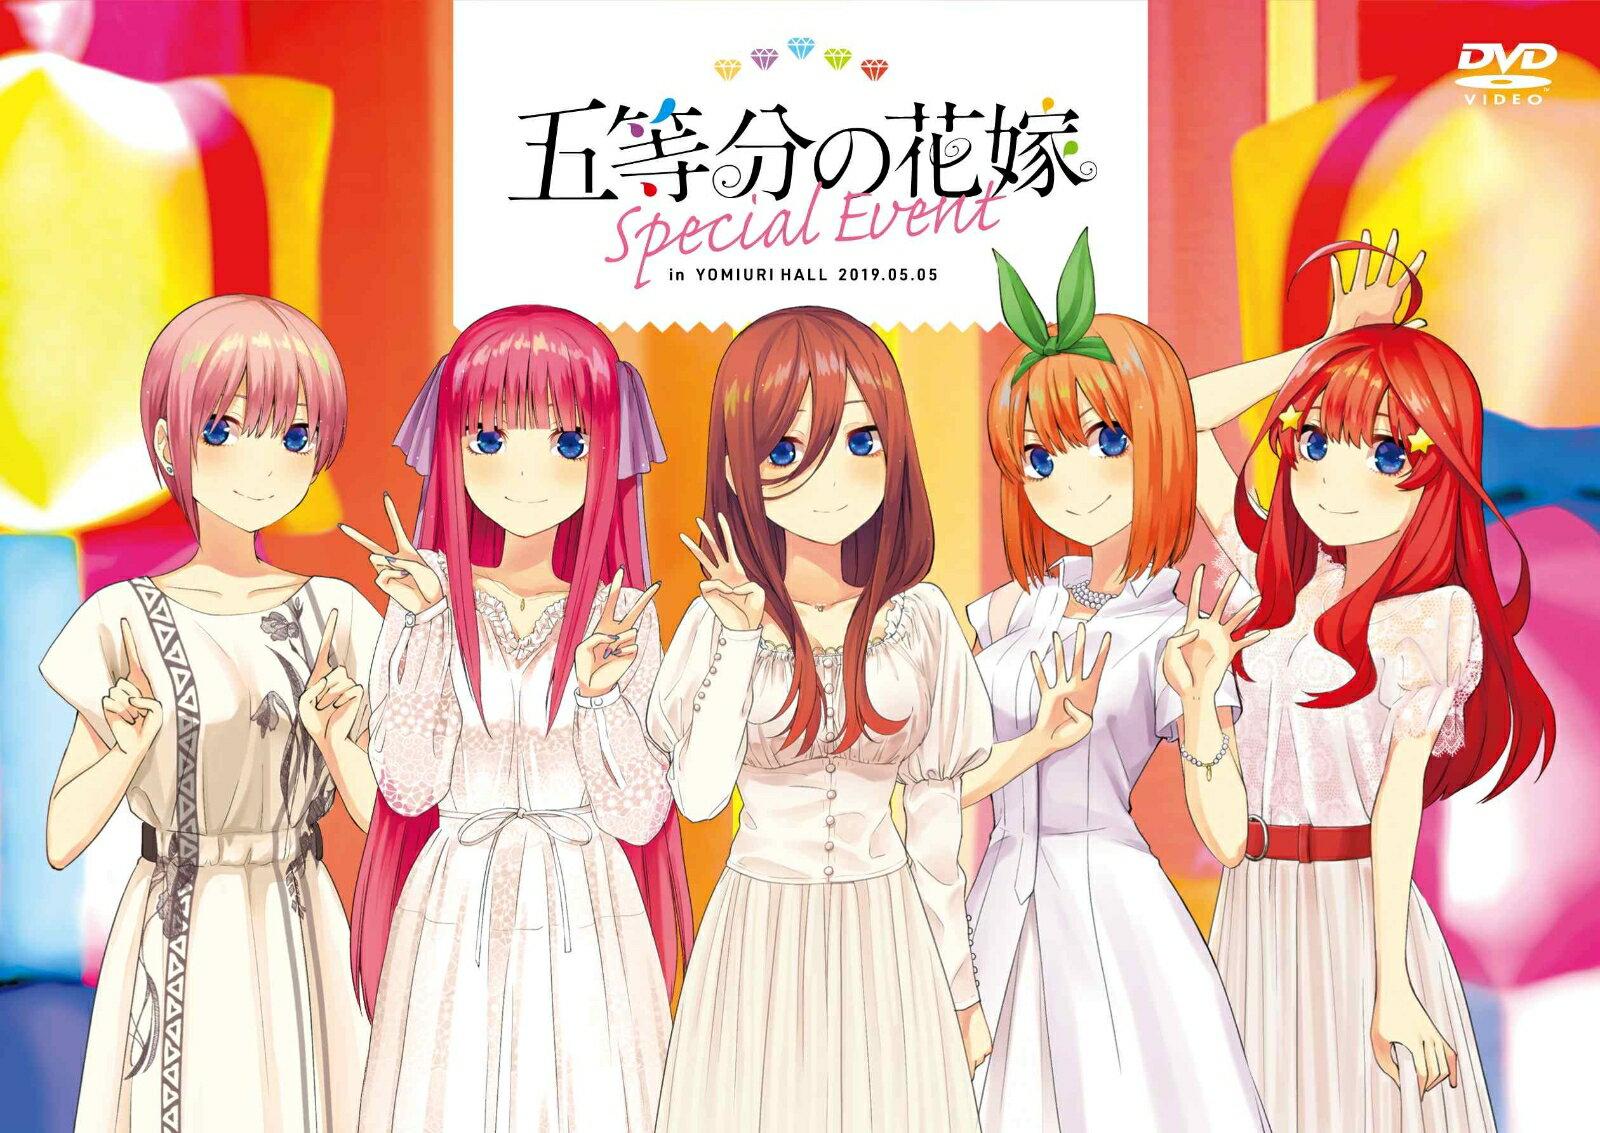 五等分の花嫁 Special Event in YOMIURI HALL 2019.05.05